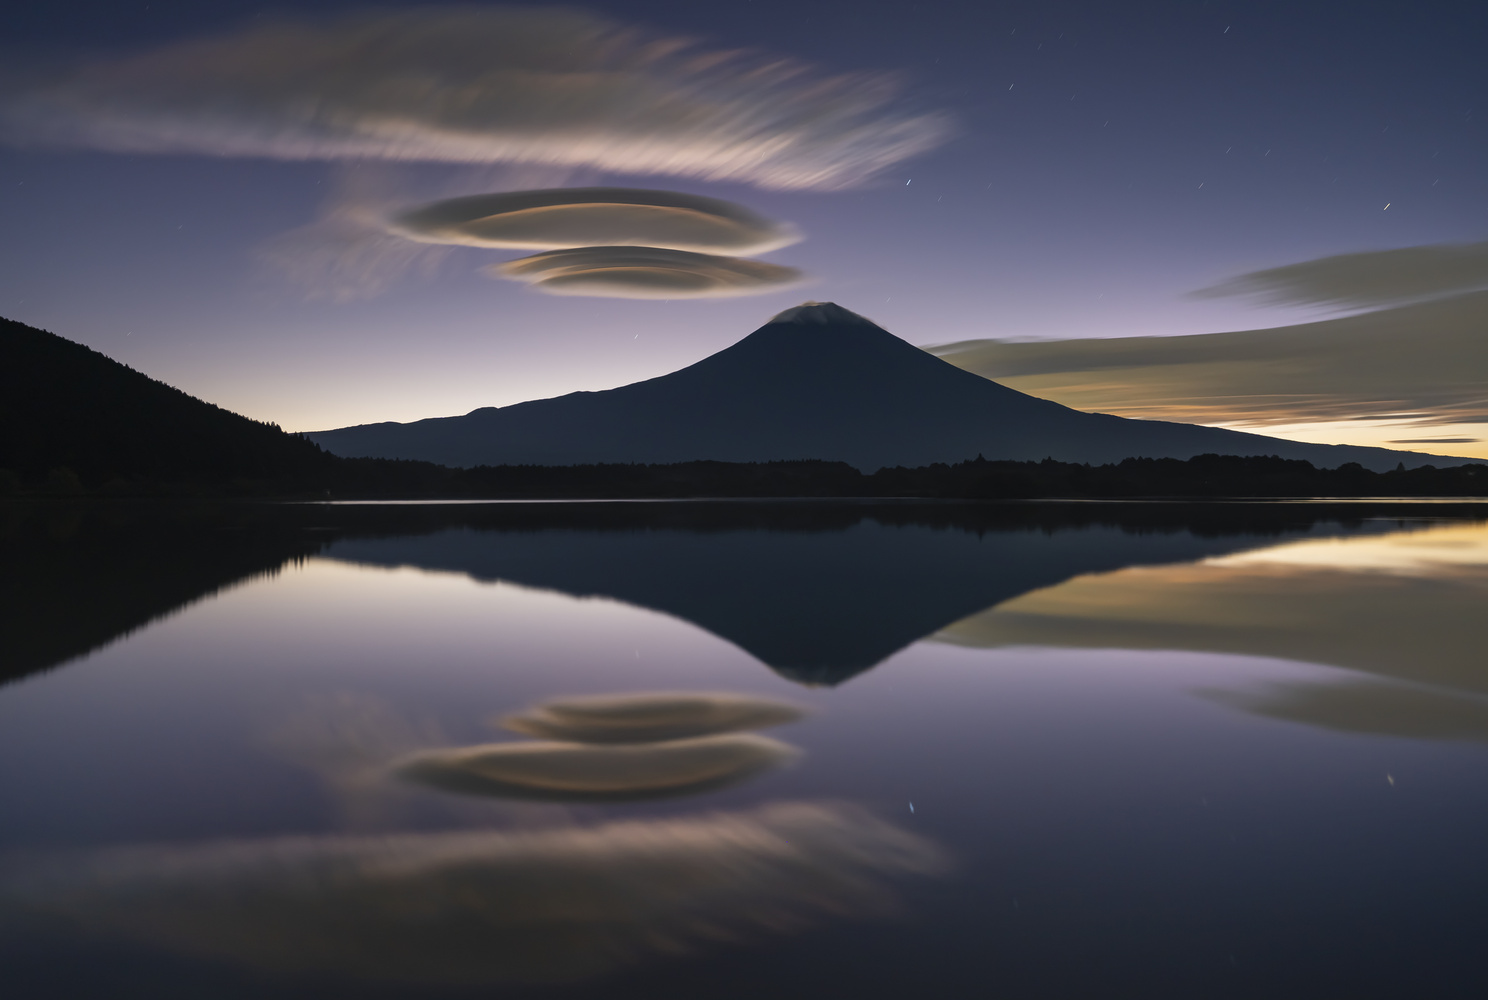 Lively dawn by kousuke kitajima